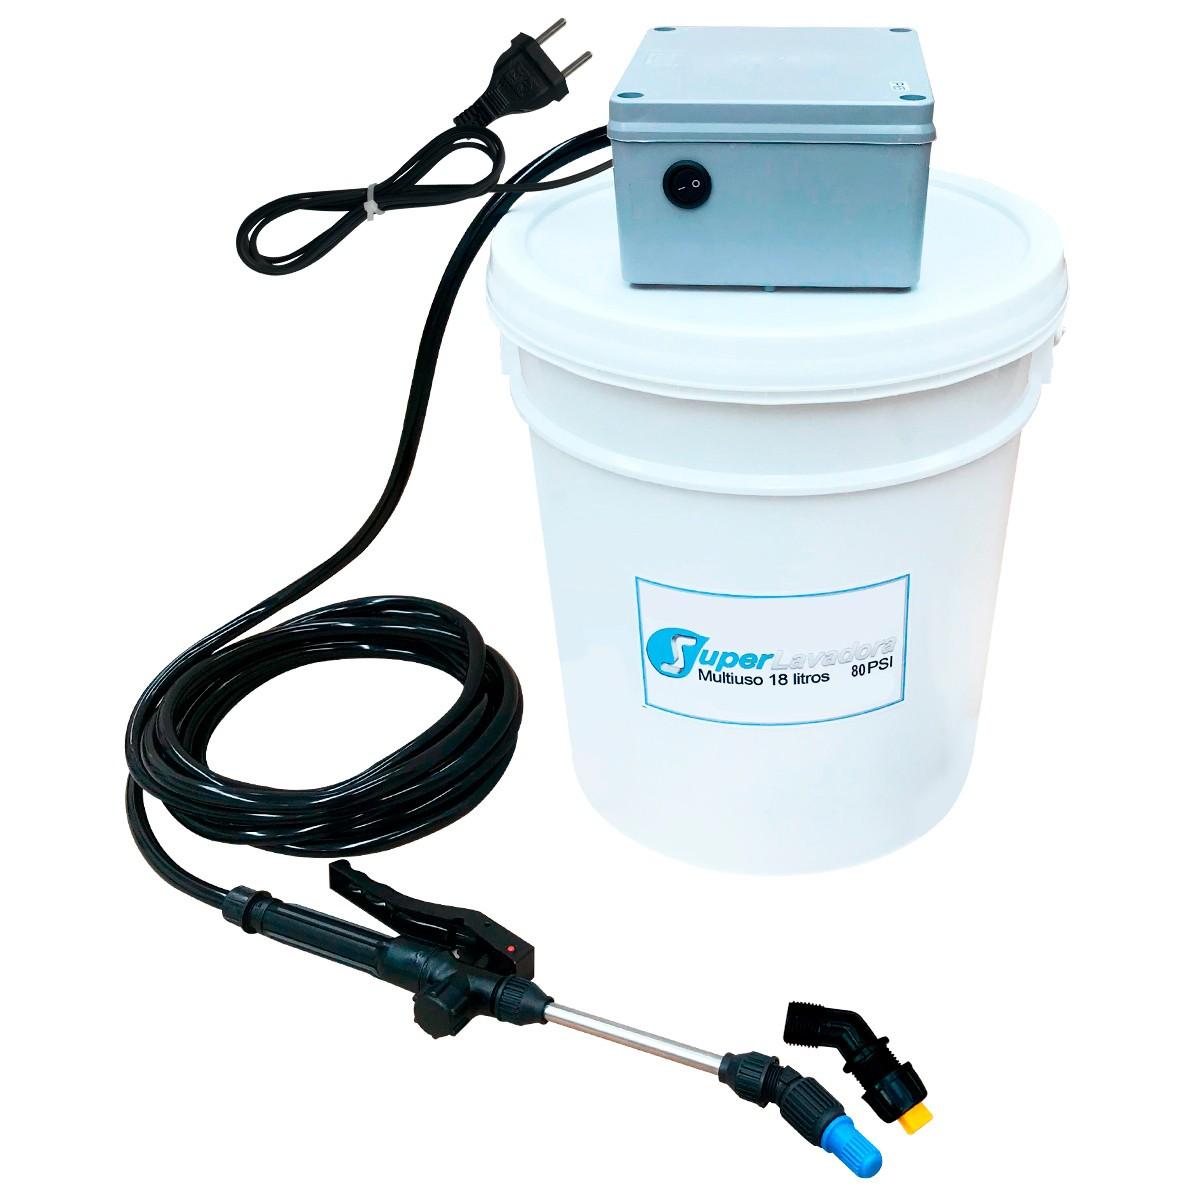 Lavadora Elétrica 18L 80PSI Carrinho + Bolsa Coletora até 36000 + Balde de Plástico com Tampa 18 Litros